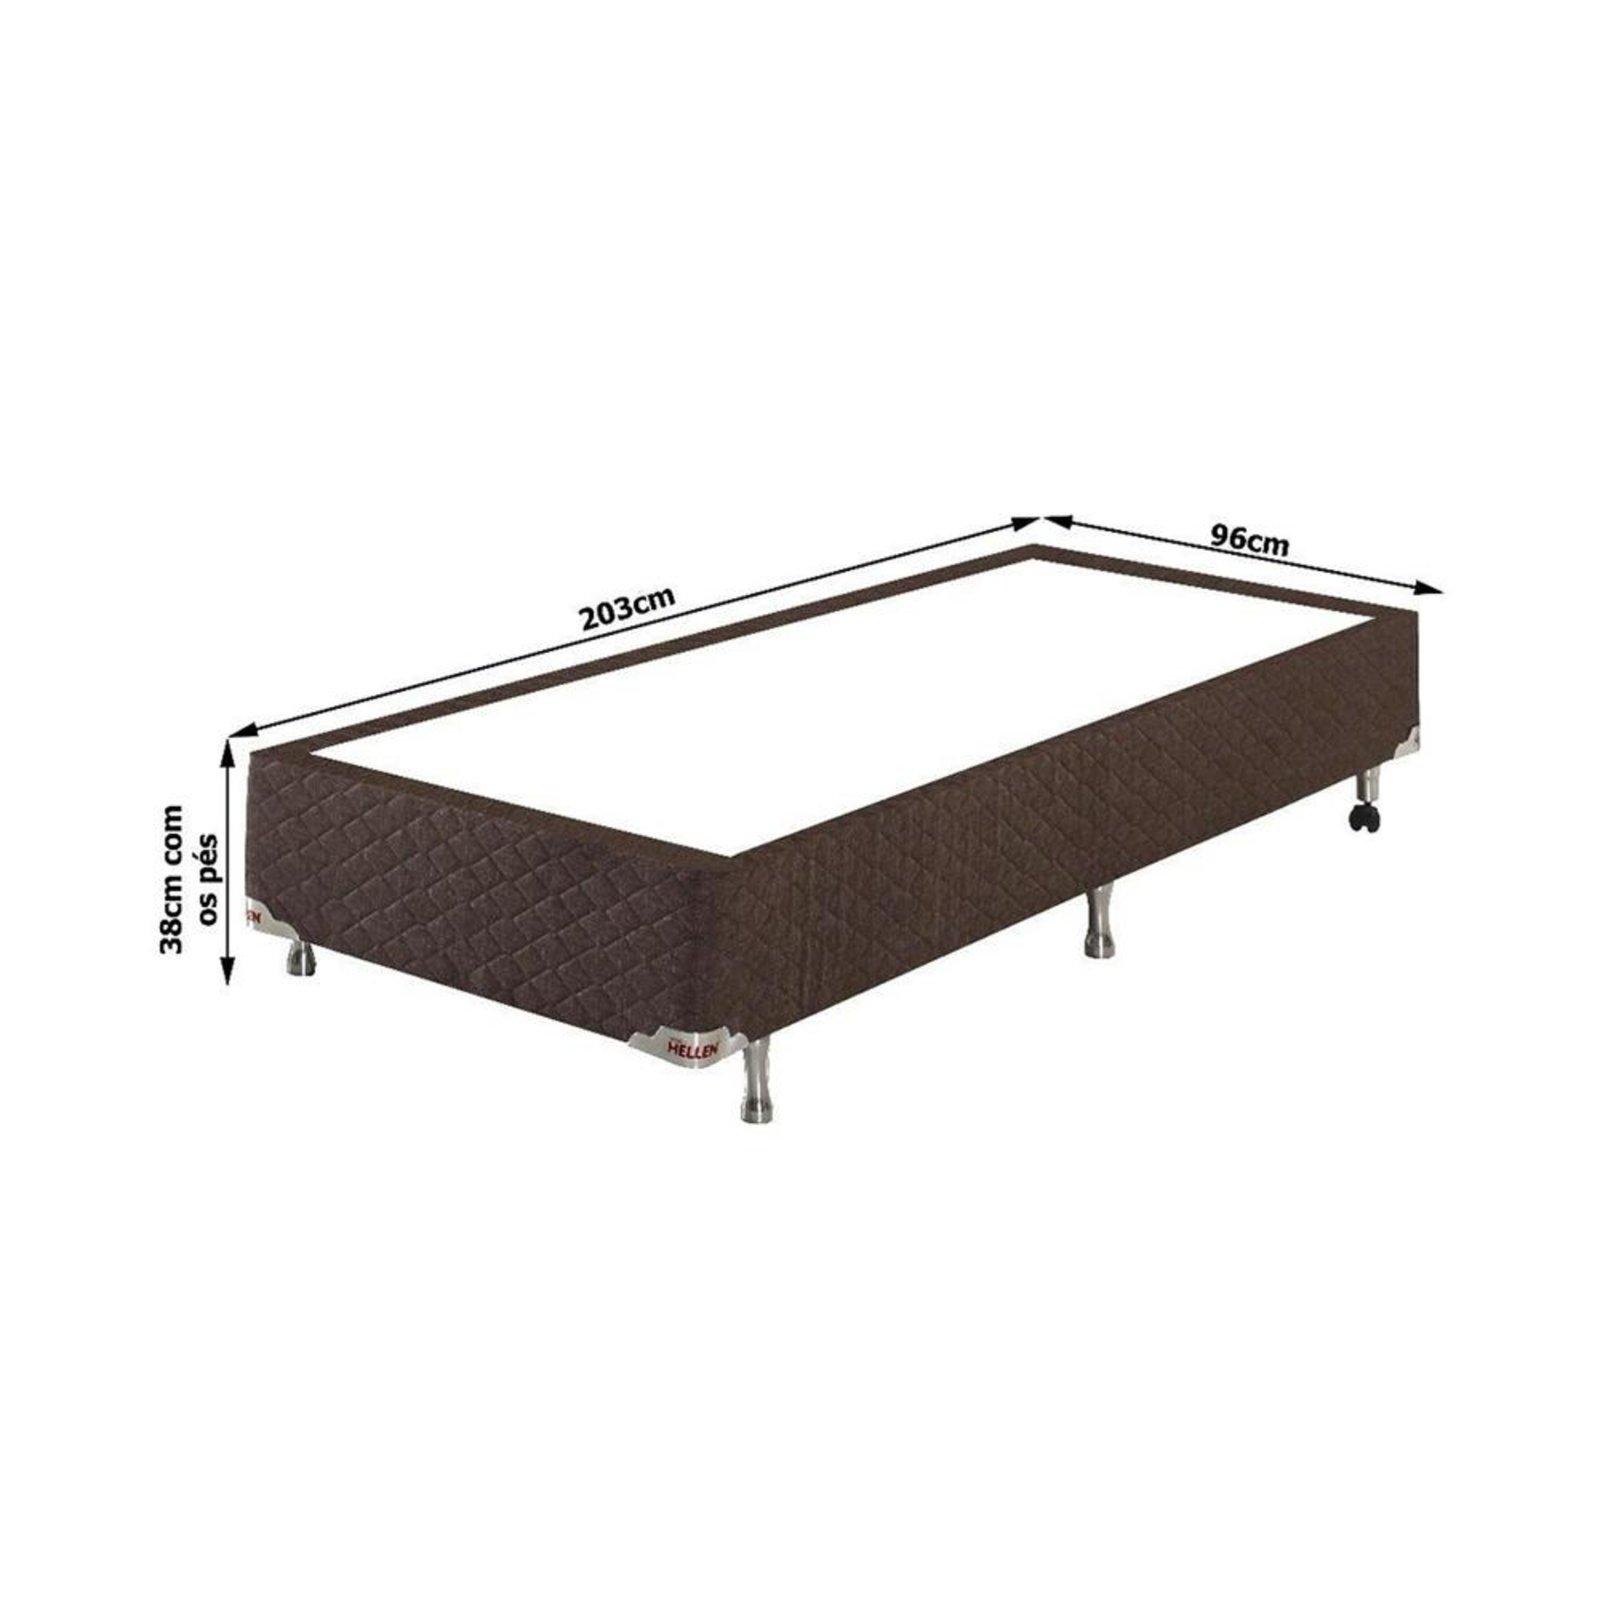 Conjunto Cama Box Solteiro Medida Especial Houston Molas Ensacadas 96x203x72 Colchao Cama Box Compre Agora Dafiti Brasil